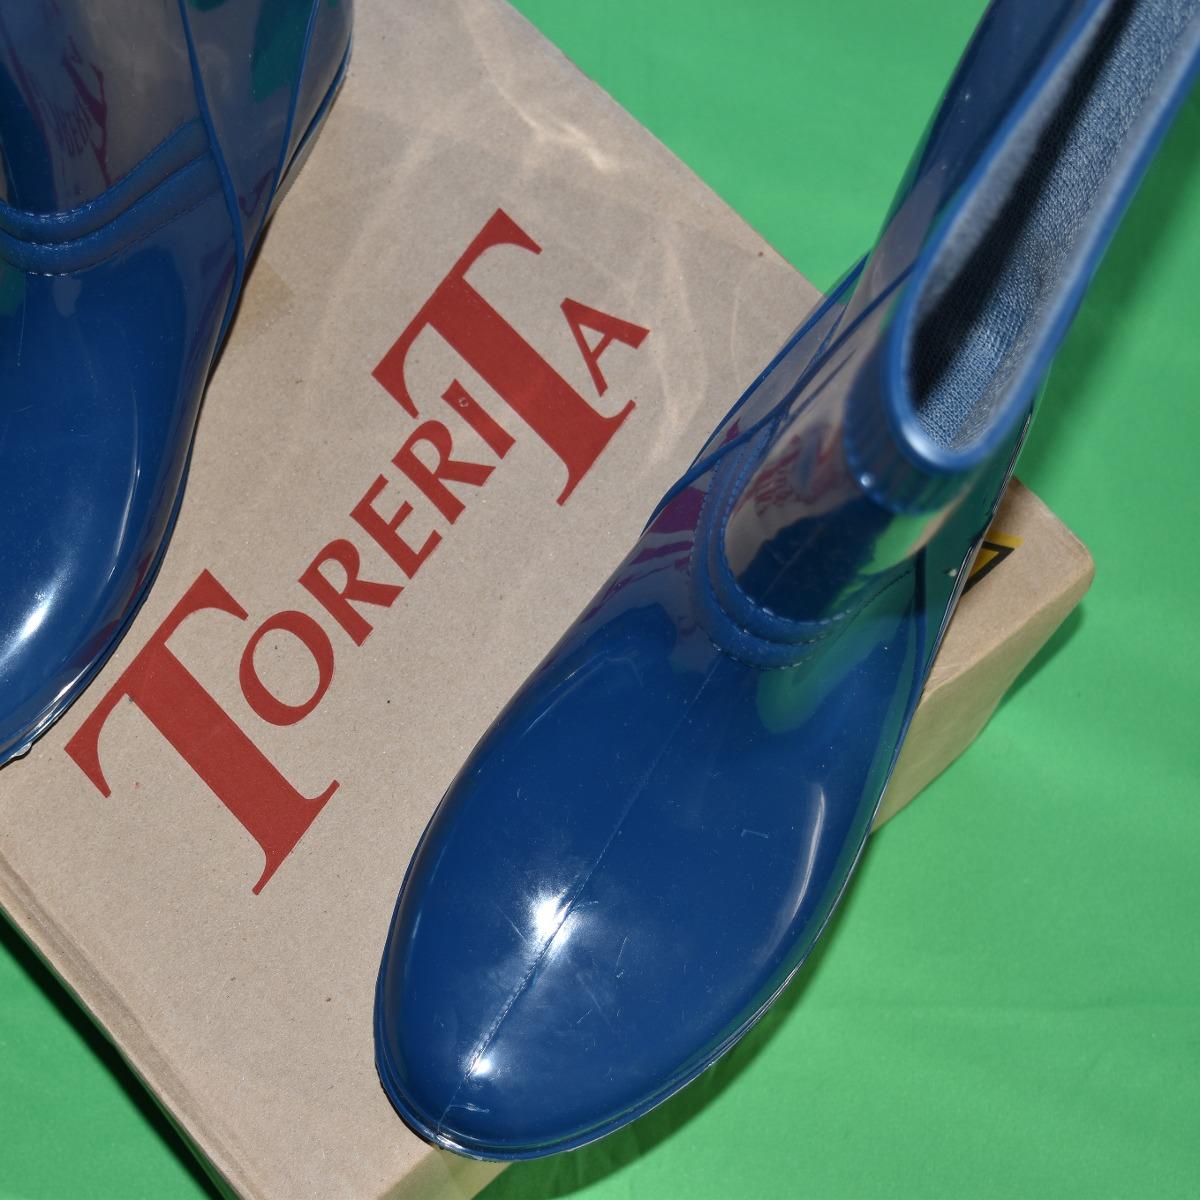 c734cdf14 Botas impermeables dama Torerita caña media goma y plástico